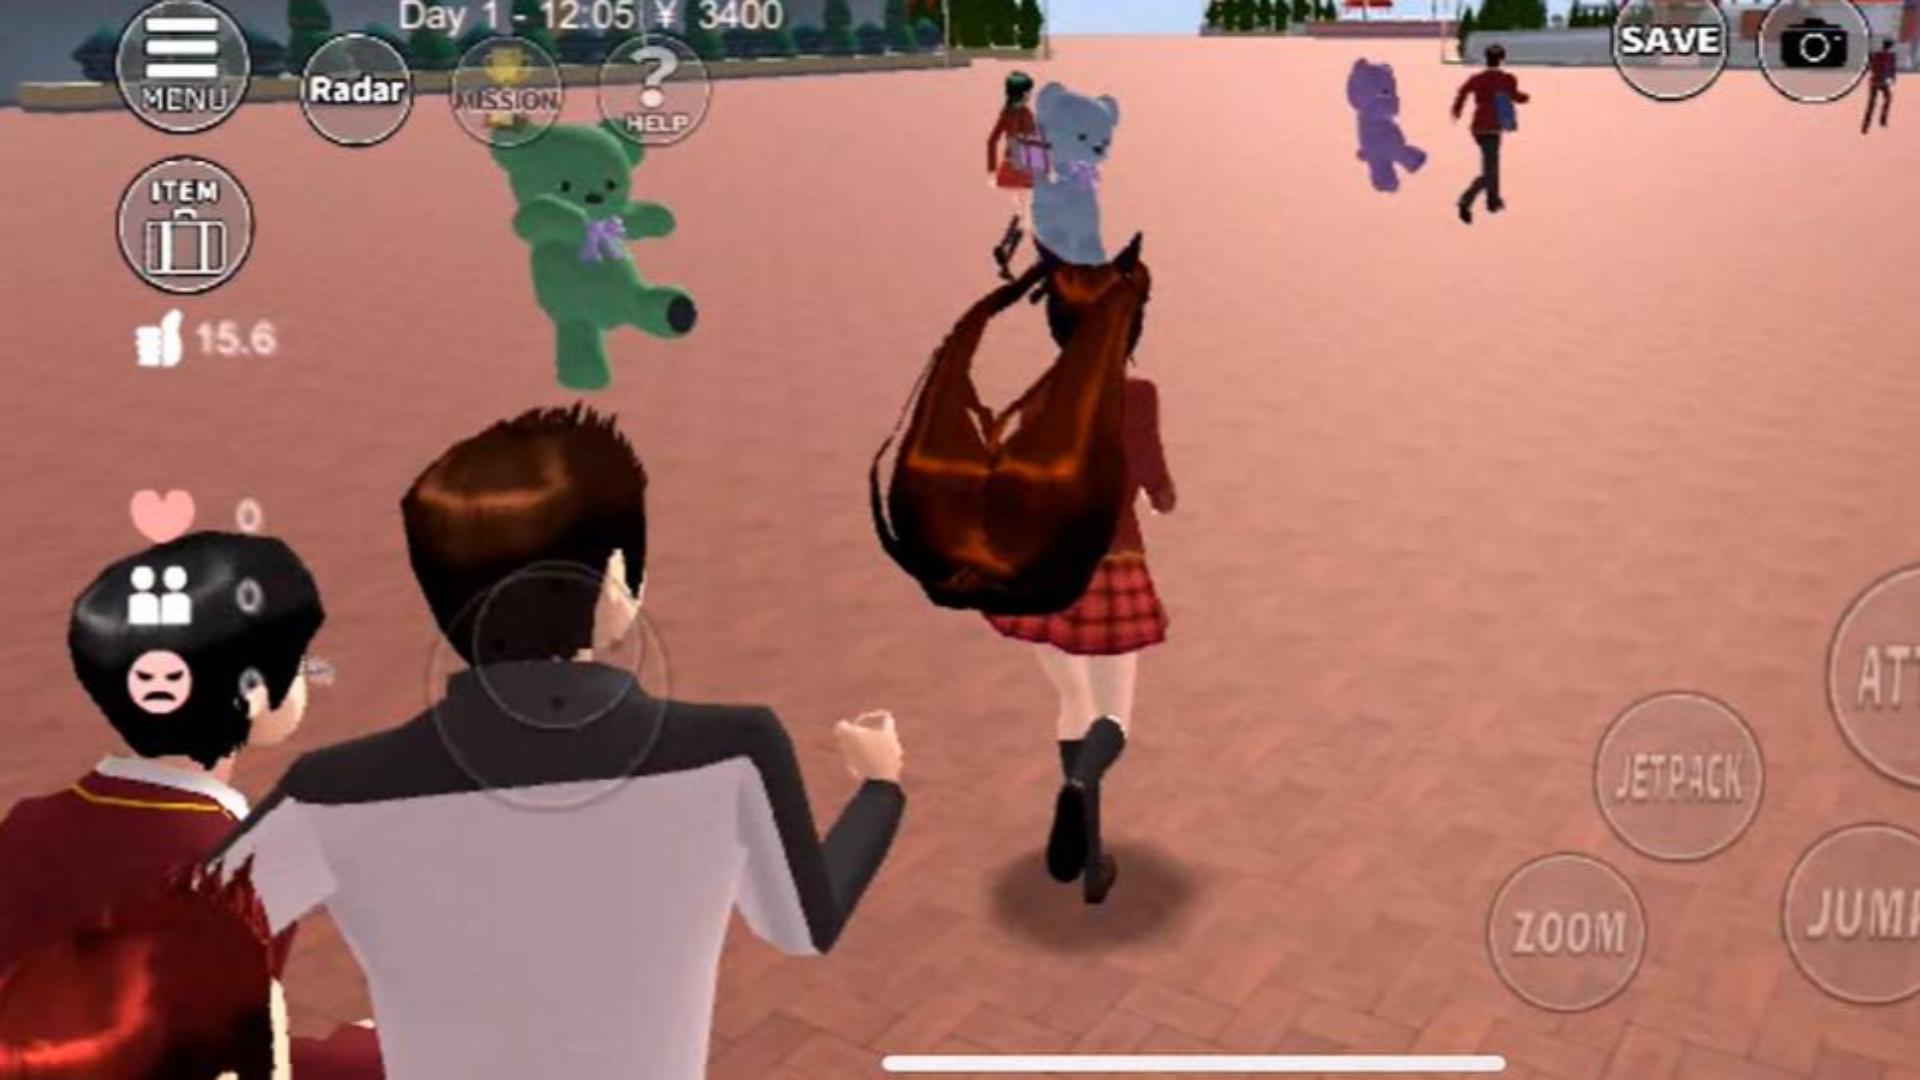 樱花校园模拟器,多米逃课去游乐园不买票还打人,还把同学弄丢了